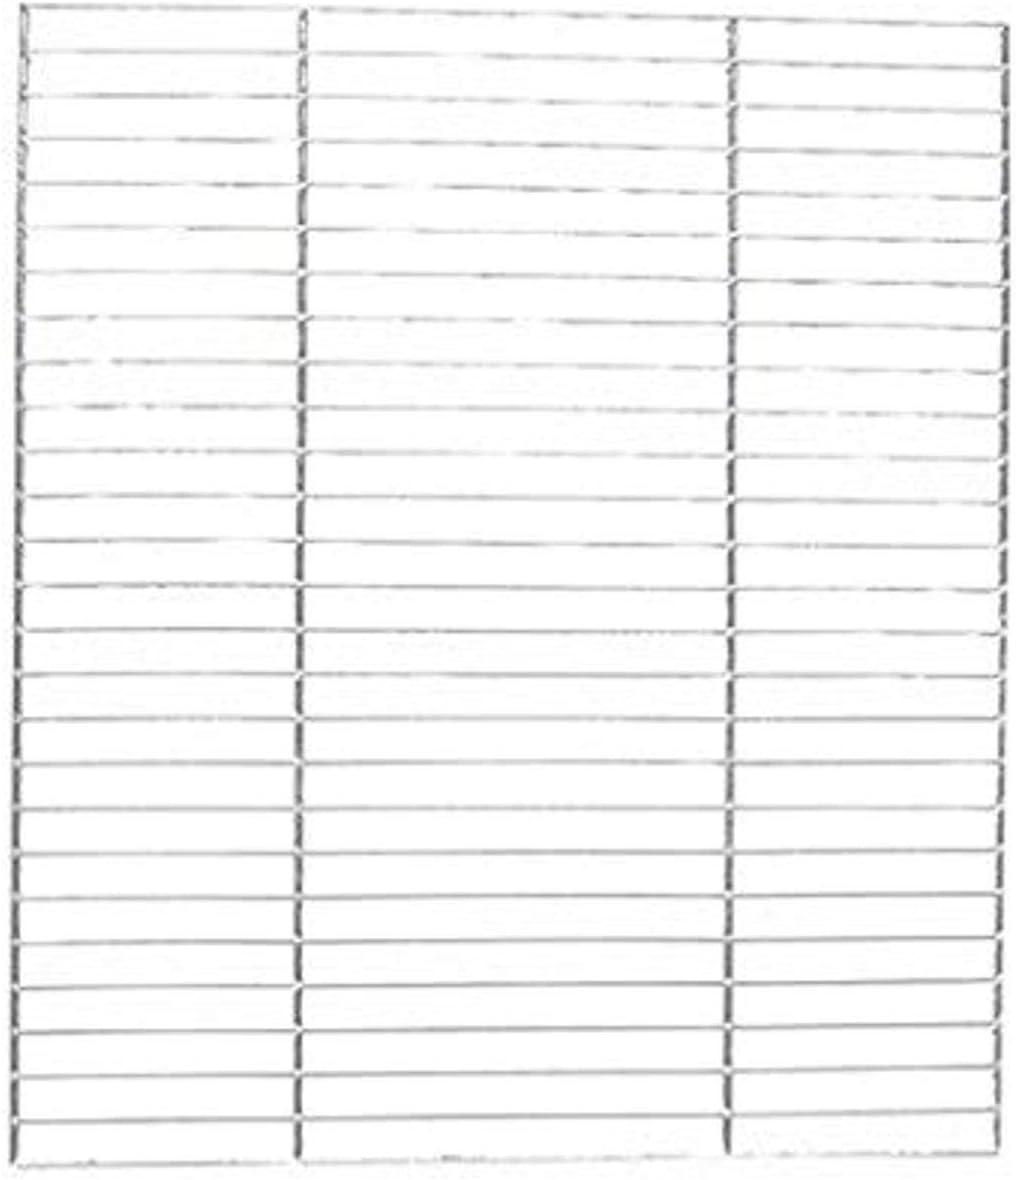 Vision Rejilla Lateral para Jaulas M01 / M02